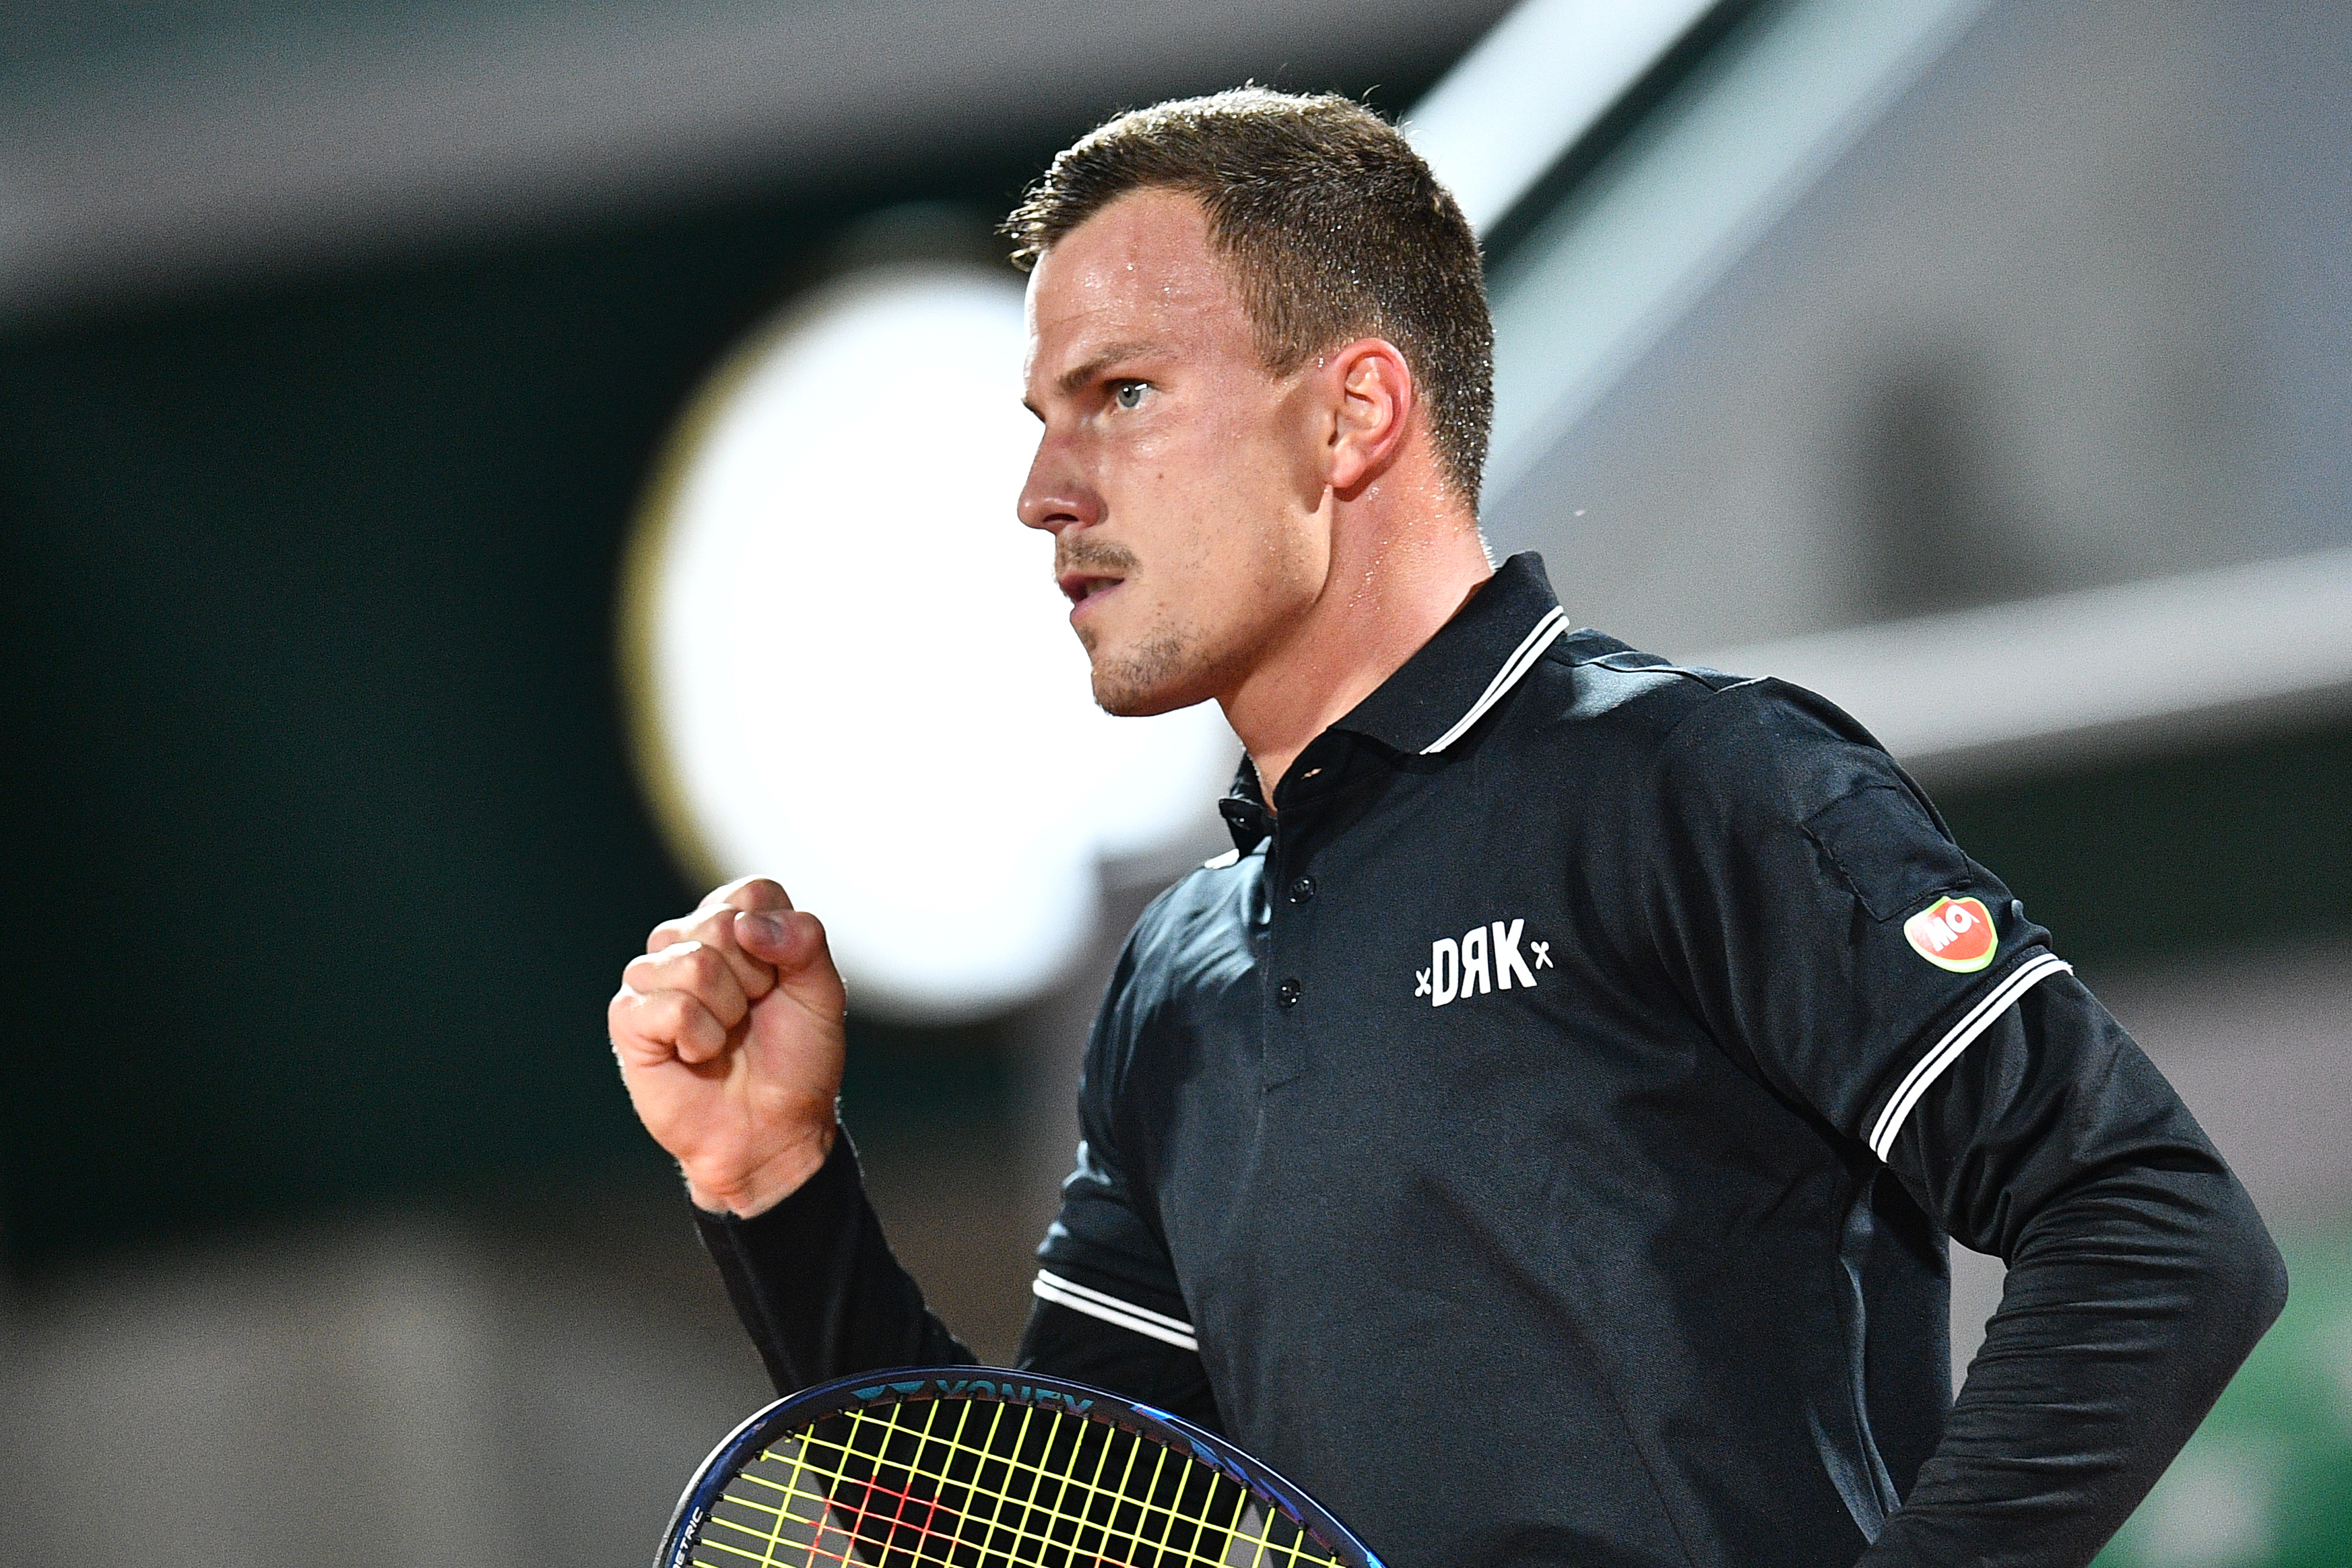 Fucsovics Márton bejutott a 3. fordulóba a Roland Garroson